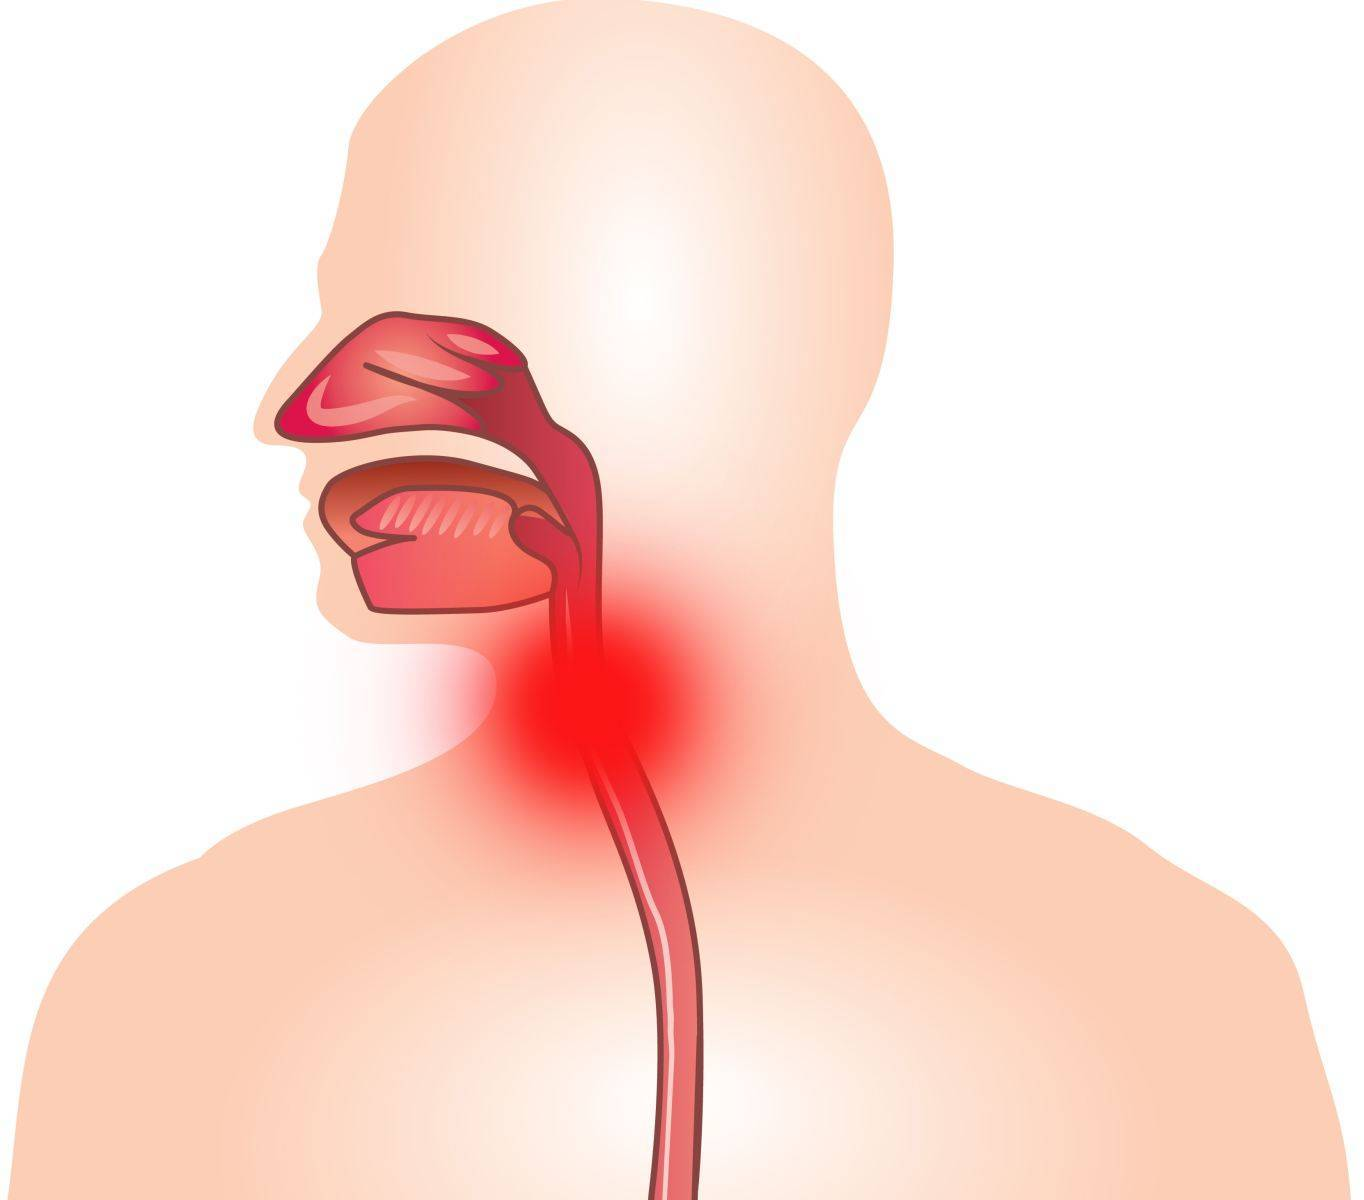 Болит горло трахея: все о беременности и детях